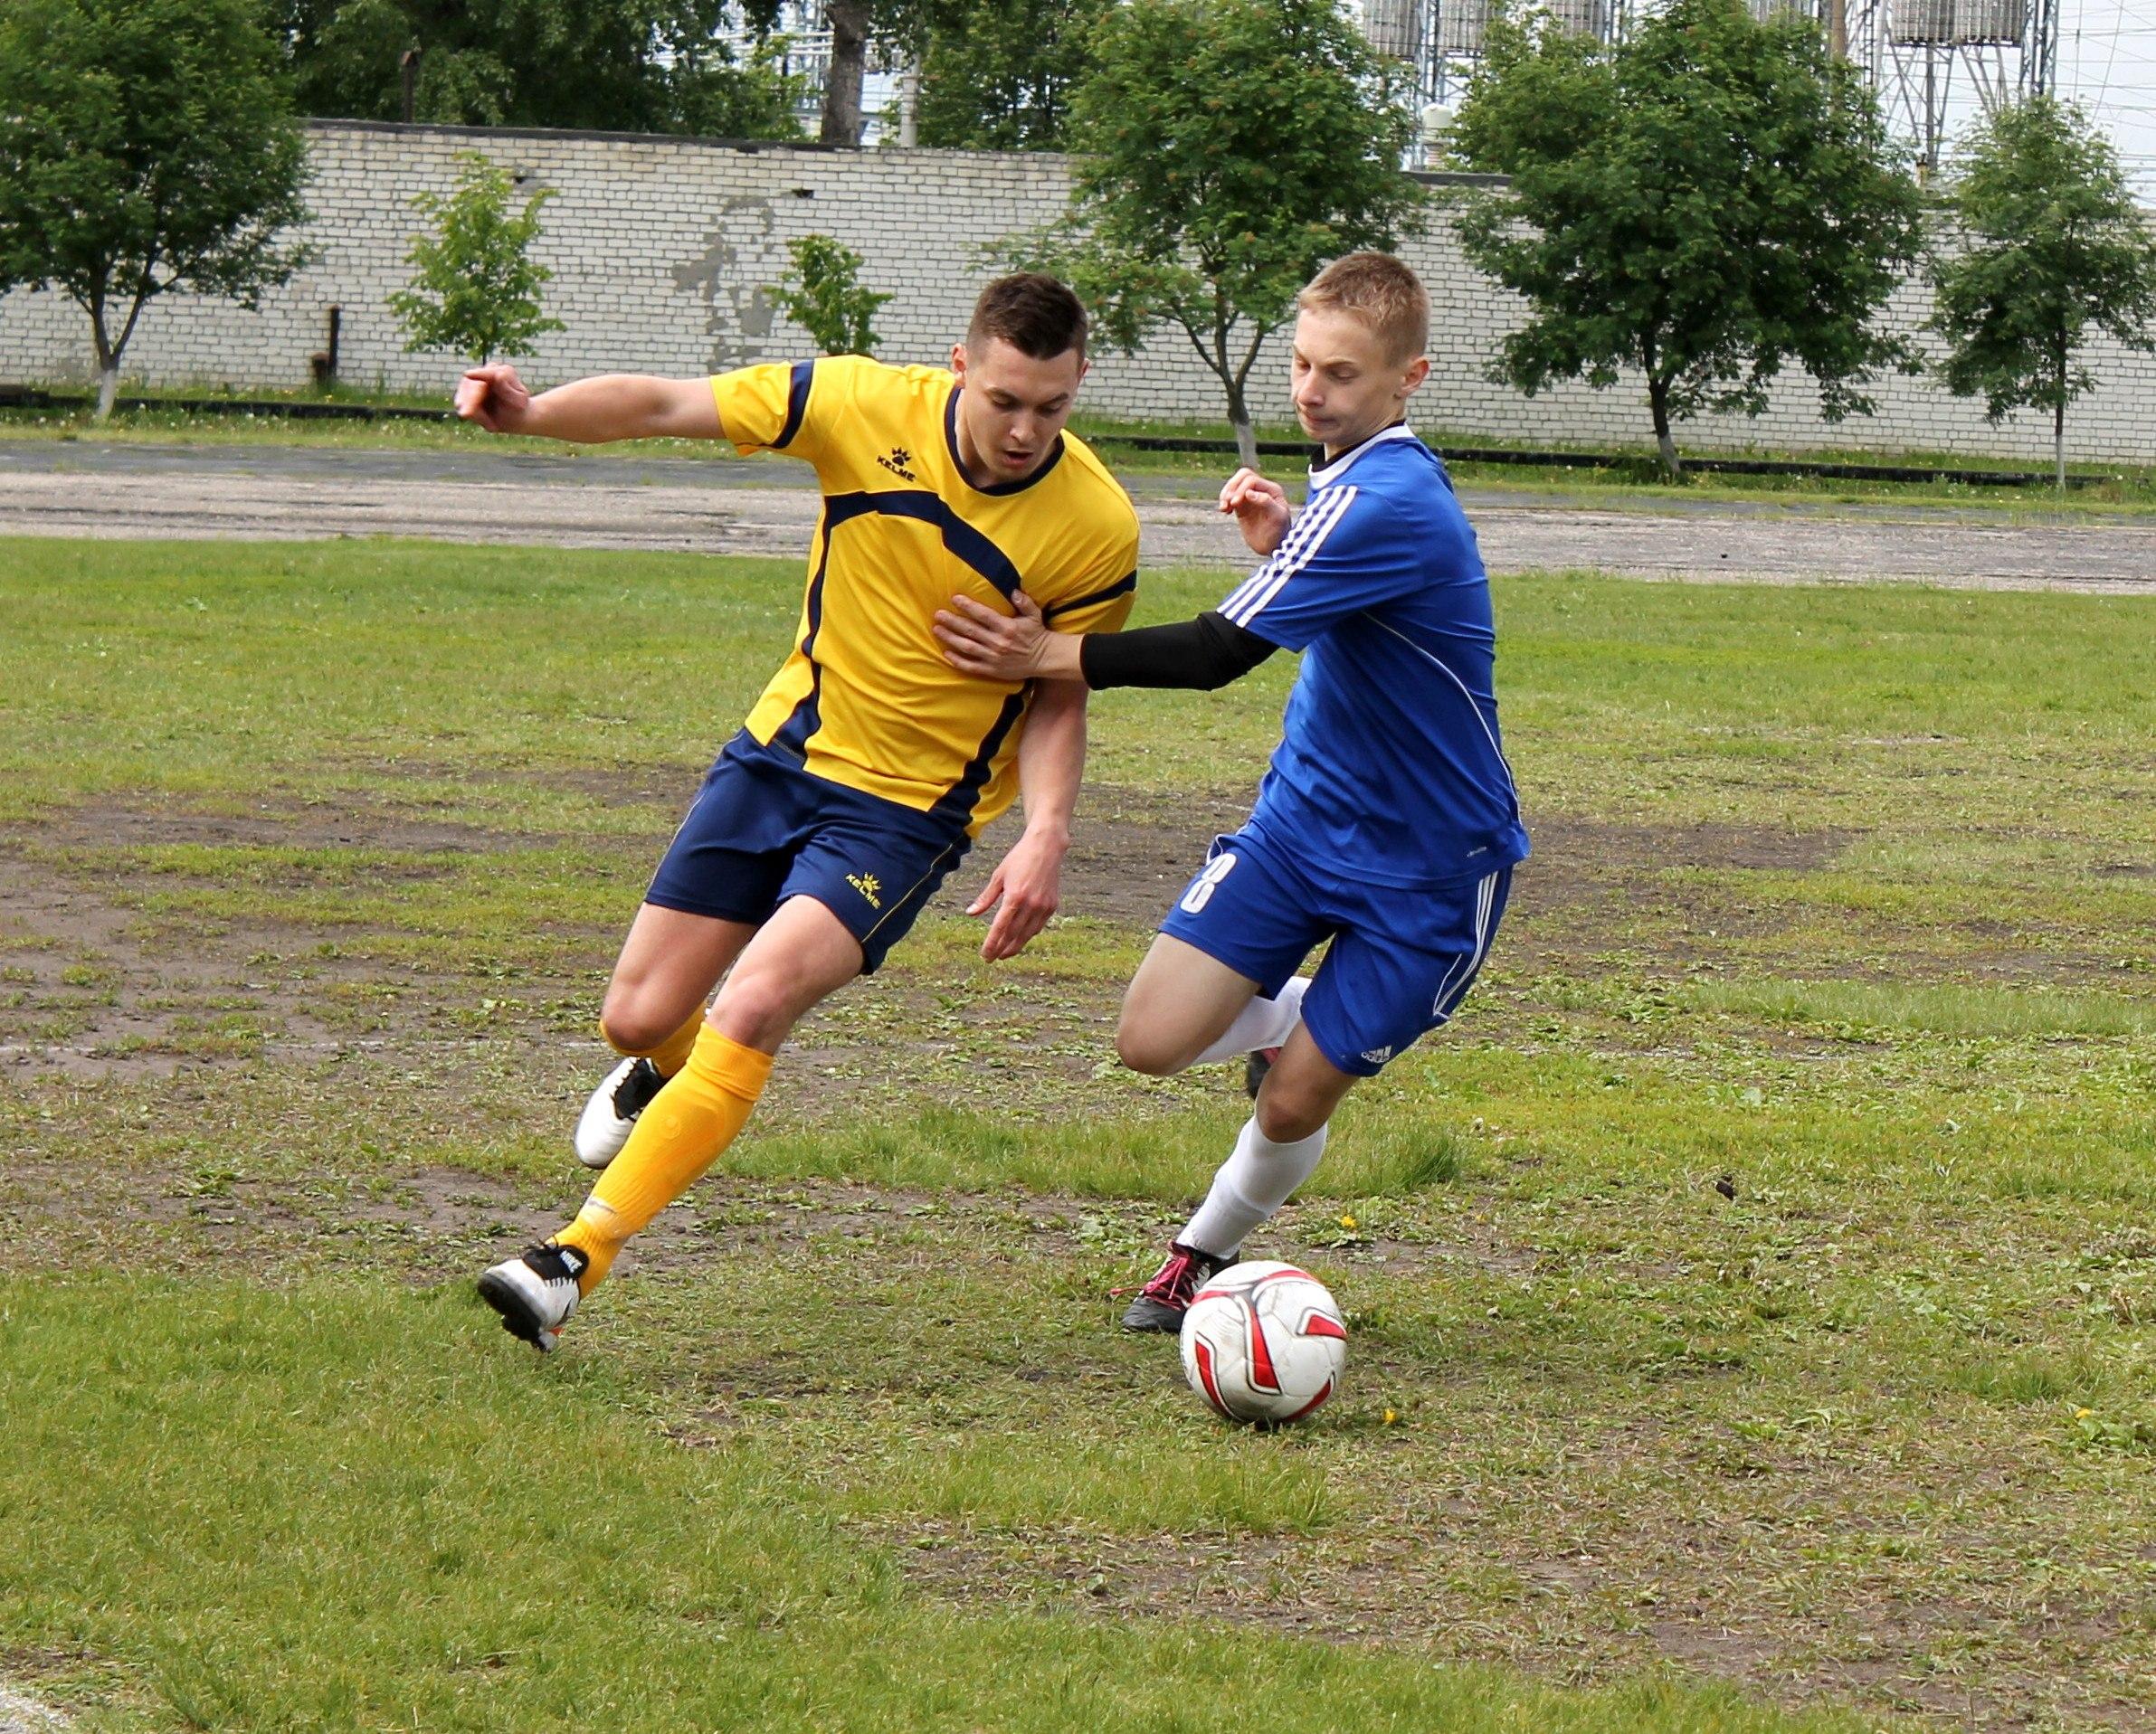 ХК «Волга» начала второй тур с победы